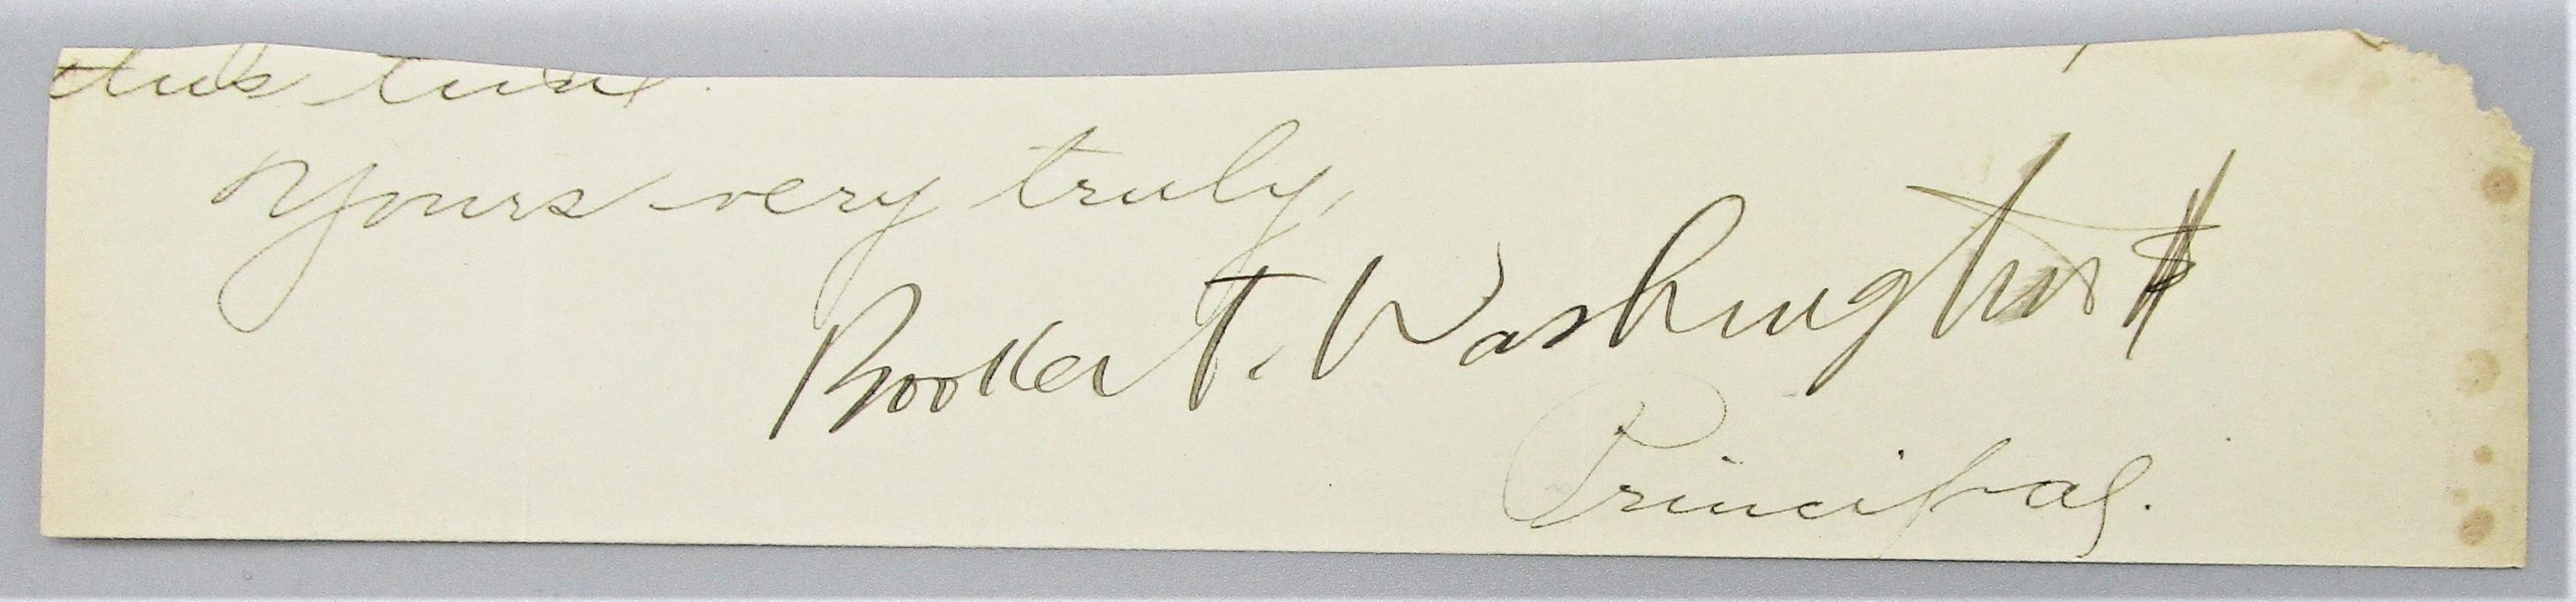 BOOKER T. WASHINGTON's AUTOGRAPH